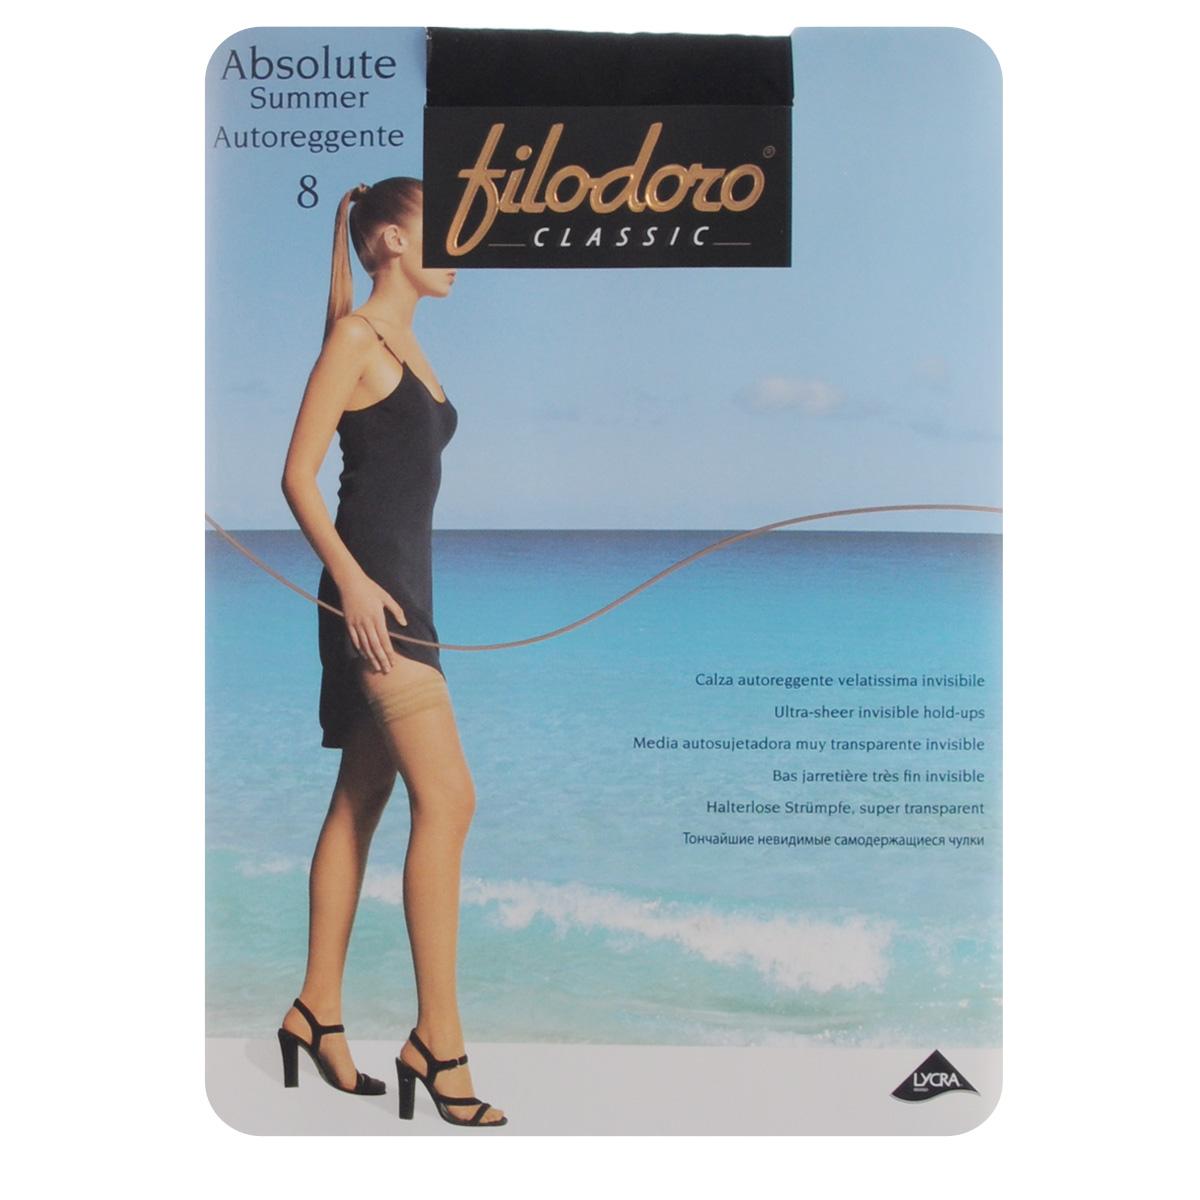 C109801FCТончайшие чулки Filodoro Classic Absolute Summer Autoreggente с оригинальной каймой, оформленной геометрическим узором, и невидимым мыском. Резинка - на силиконовой основе. Плотность: 8 den.